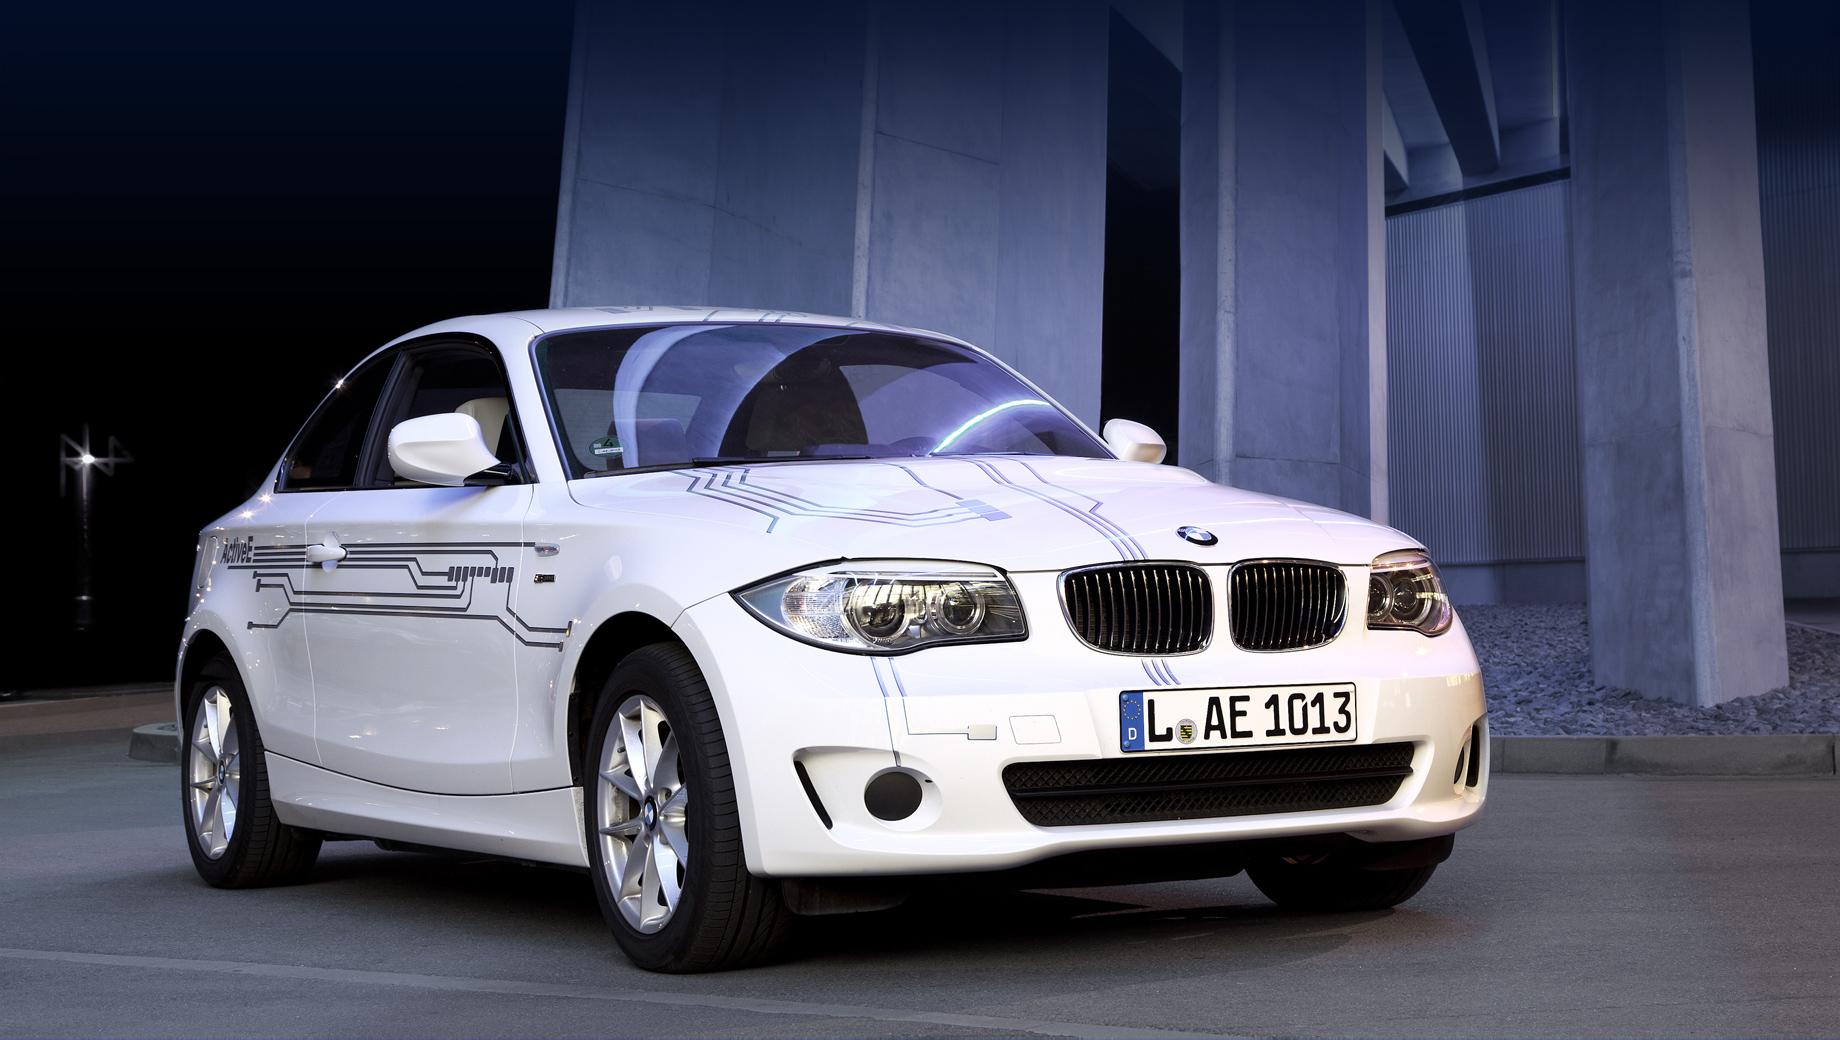 Bmw 2,Bmw m2,Bmw im2. Не все помнят, что наступление на фронте электрокаров компания BMW начала с мелкосерийного купе ActiveE (2011 год) на базе «единички» (125 кВт, 170 л.с., 250 Н•м, 32 кВт•ч, 151 км по EPA). С тех пор купе первой серии переименовалось в «двушку». Ей и начинать очередной виток электрификации.